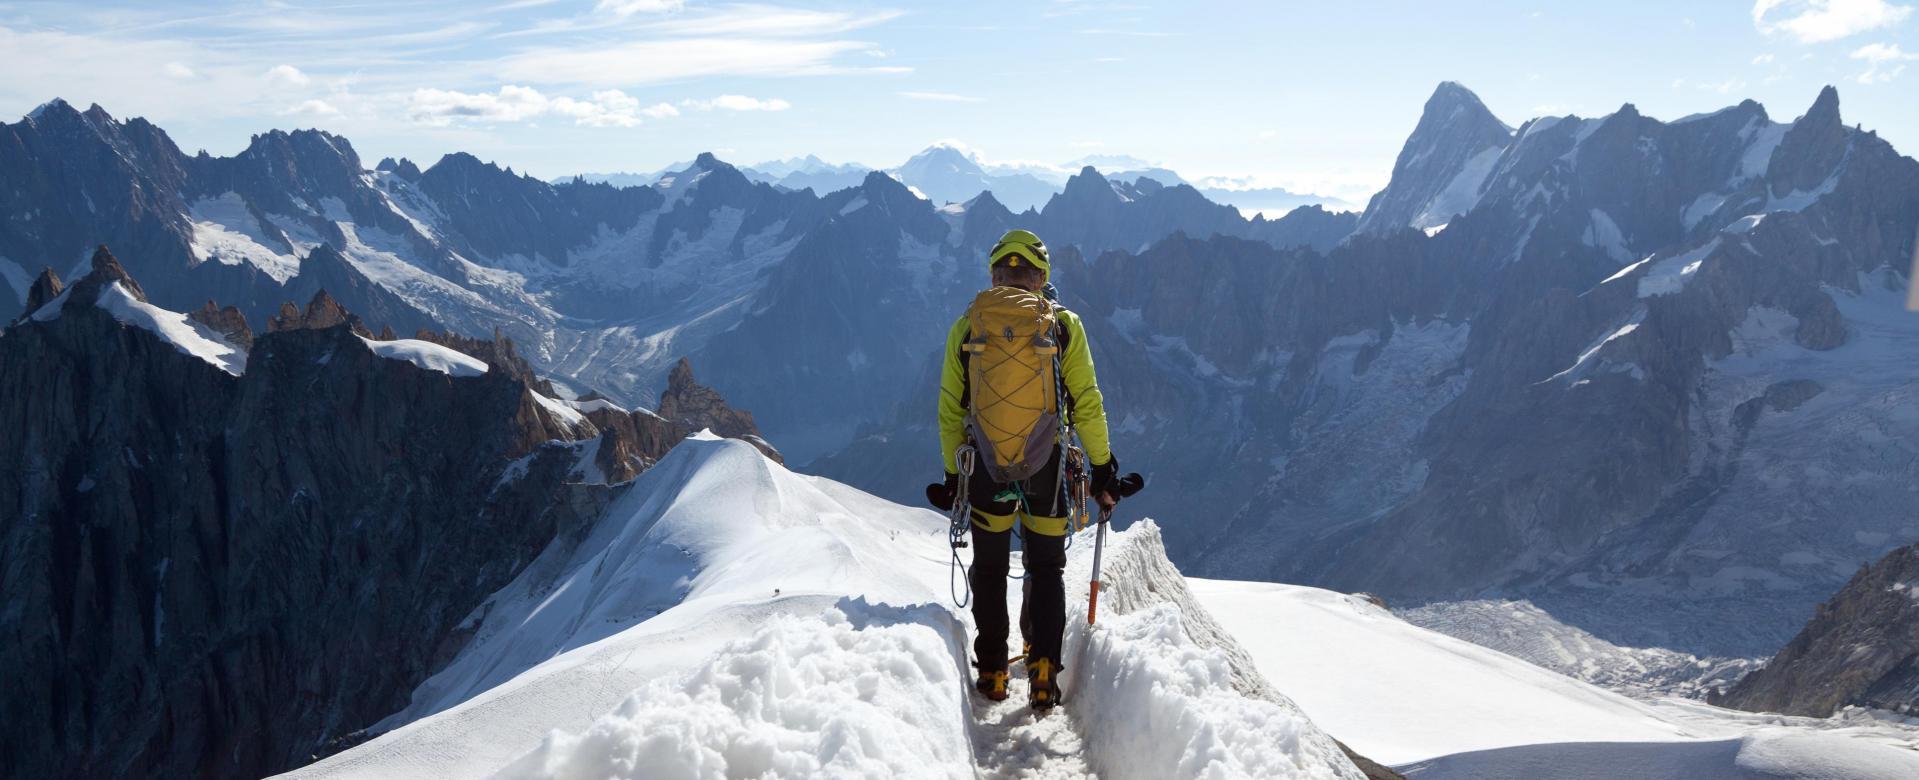 Voyage à pied : La haute route du mont-blanc